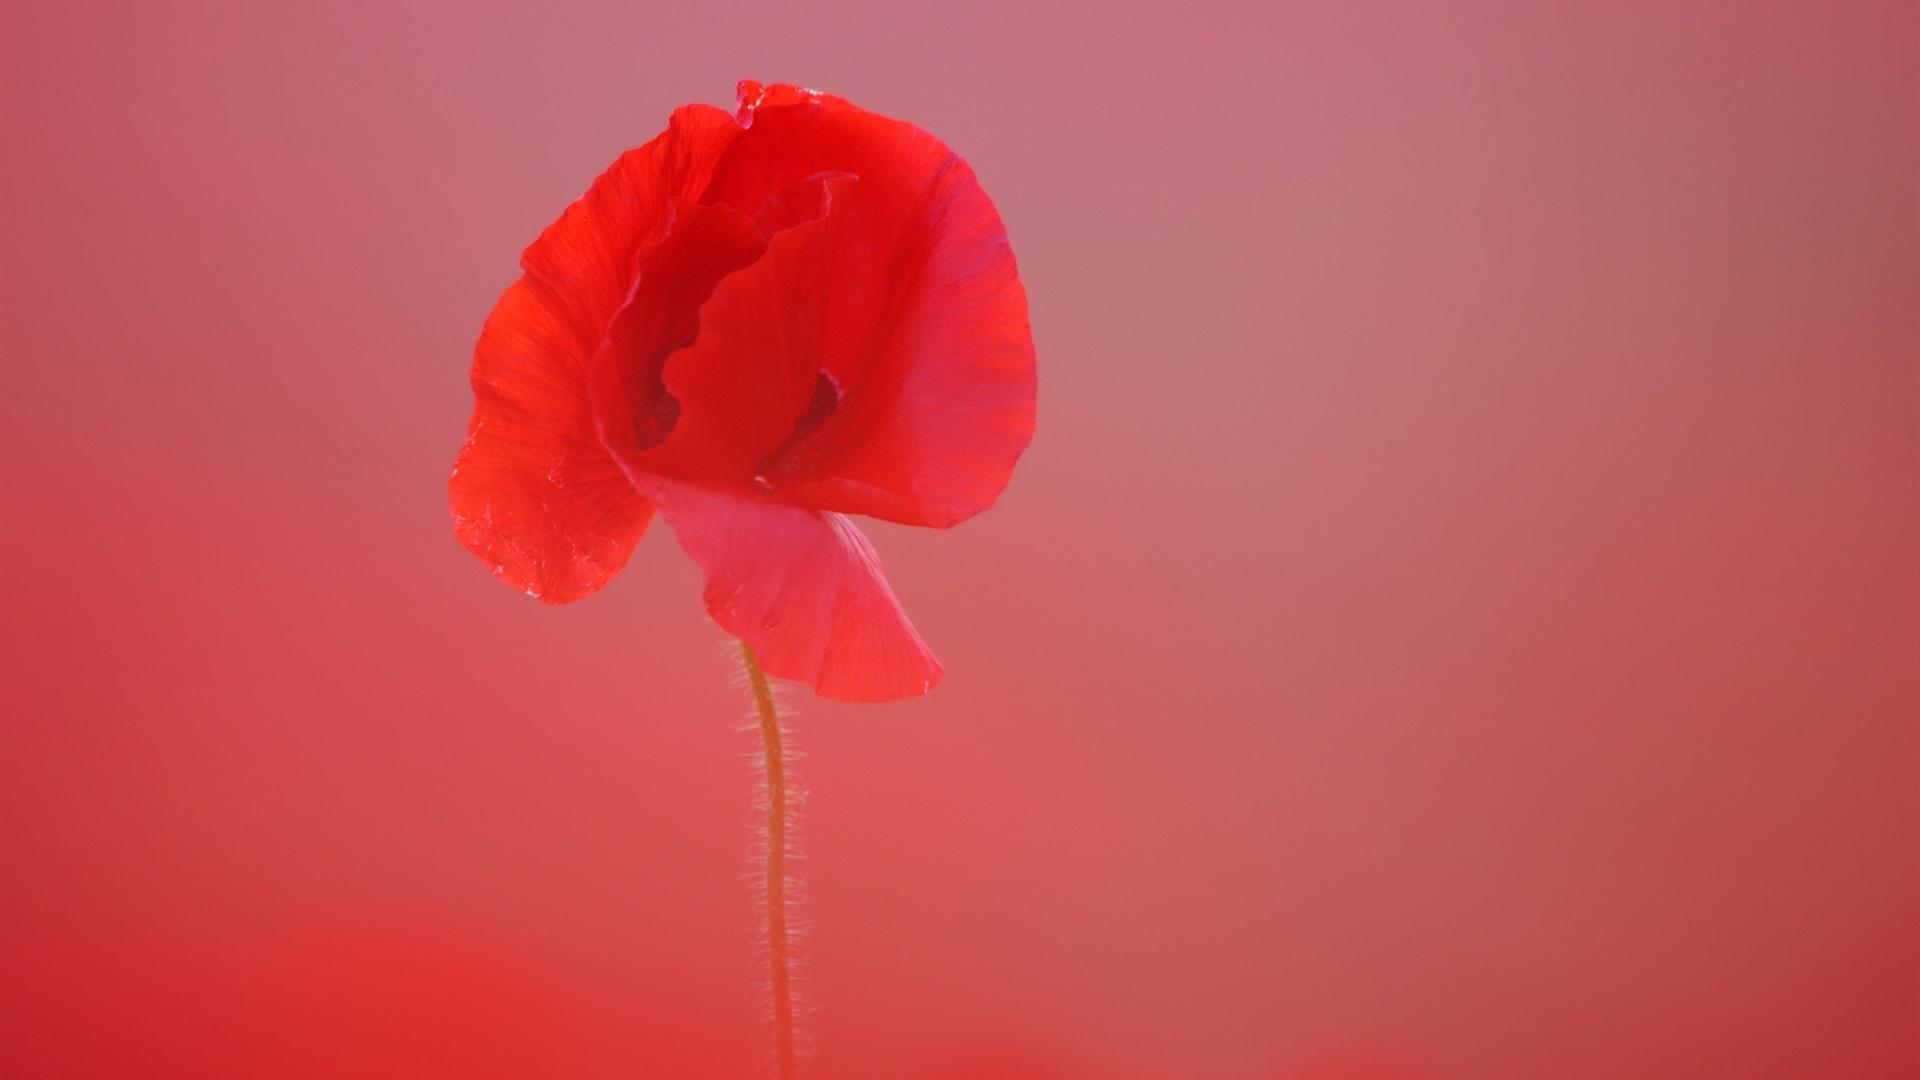 poppy red background - photo #25